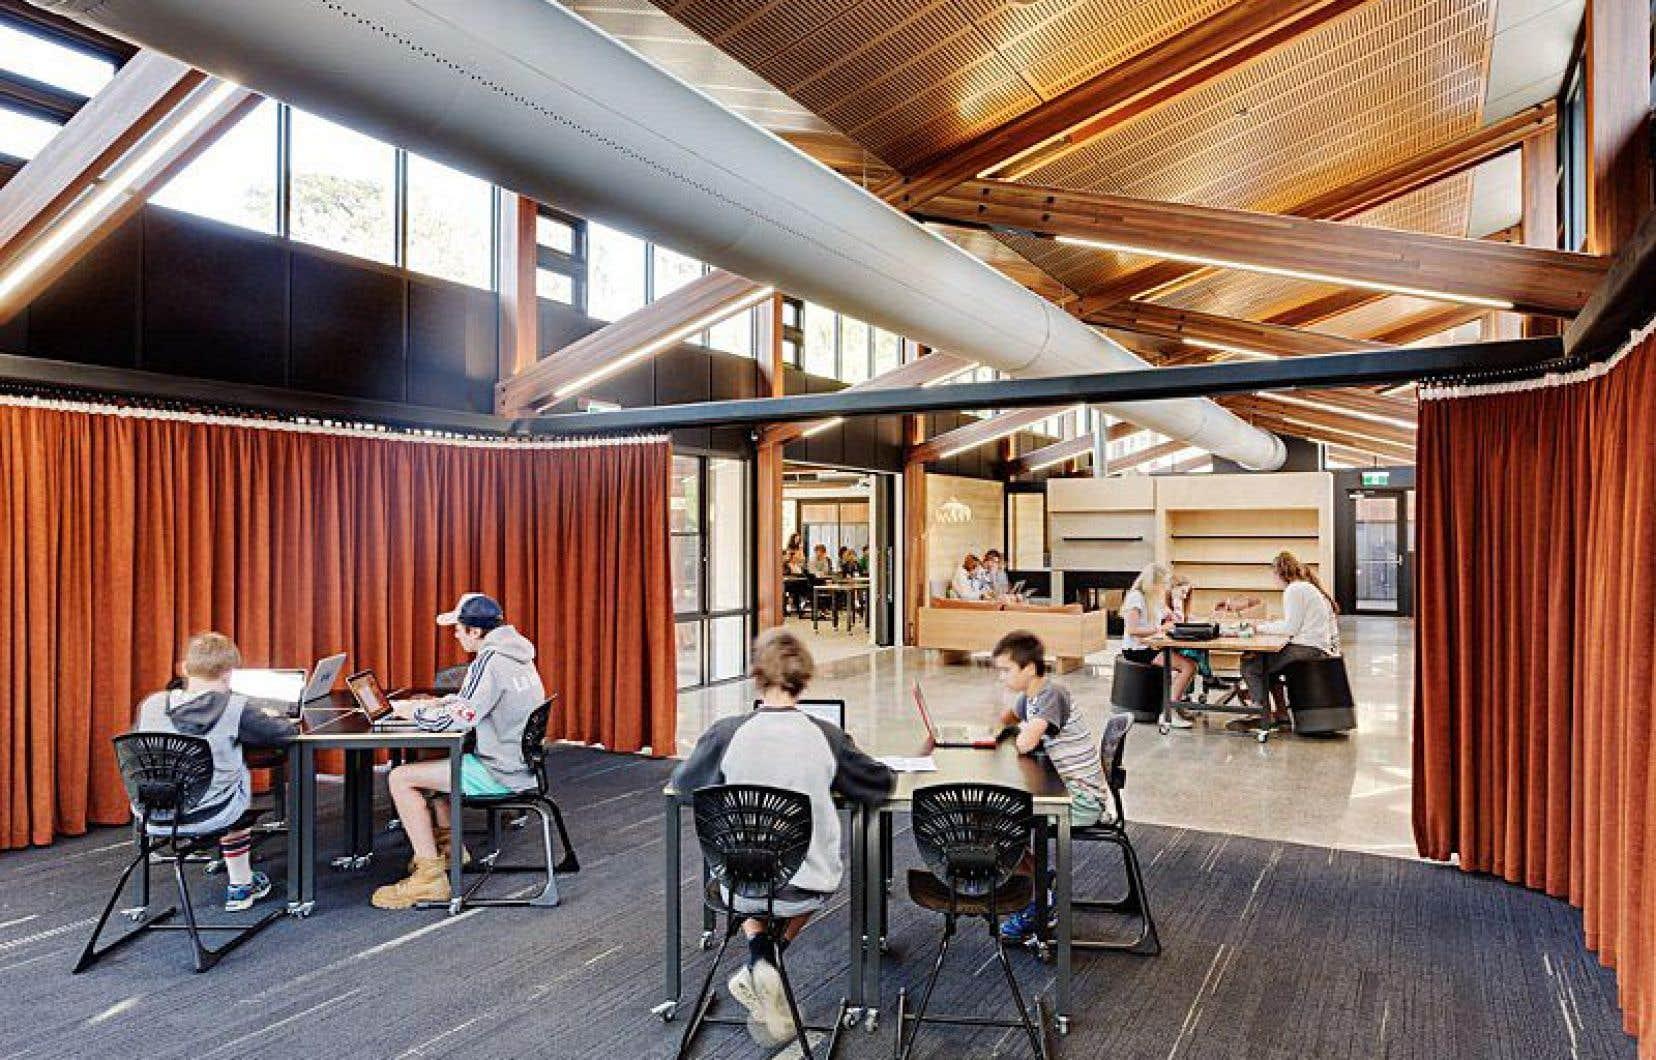 La tendance actuelle en architecture scolaire privilégie les espaces ouverts aux dimensions diverses, ainsi que les classes extérieures. Les chercheurs expriment cependant des réserves sur ces nouveaux modèles architecturaux d'écoles.